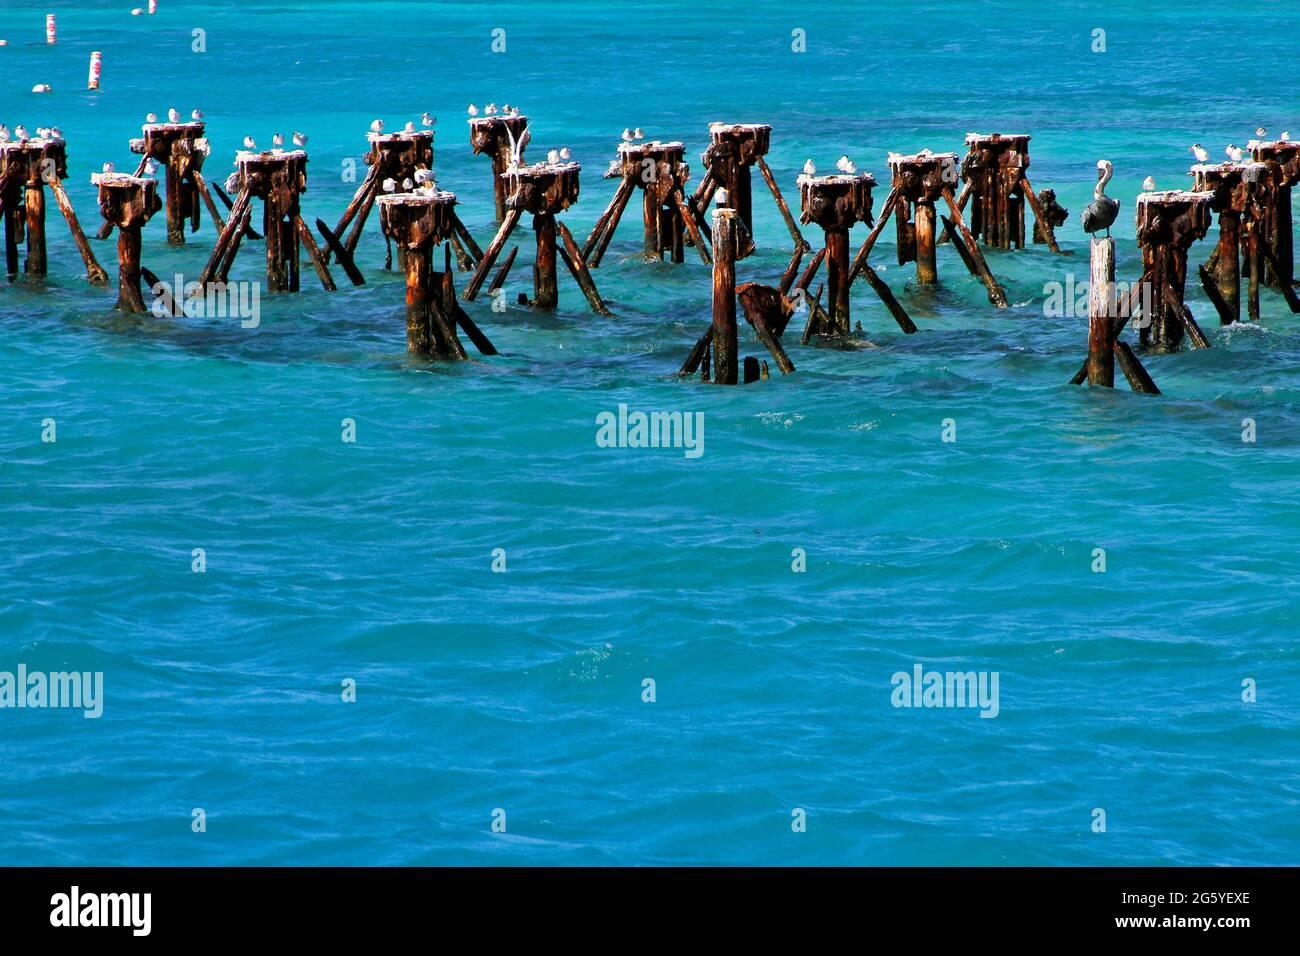 Los pájaros percan en puestos en las aguas del Parque Nacional de Tortugas Secas. Foto de stock